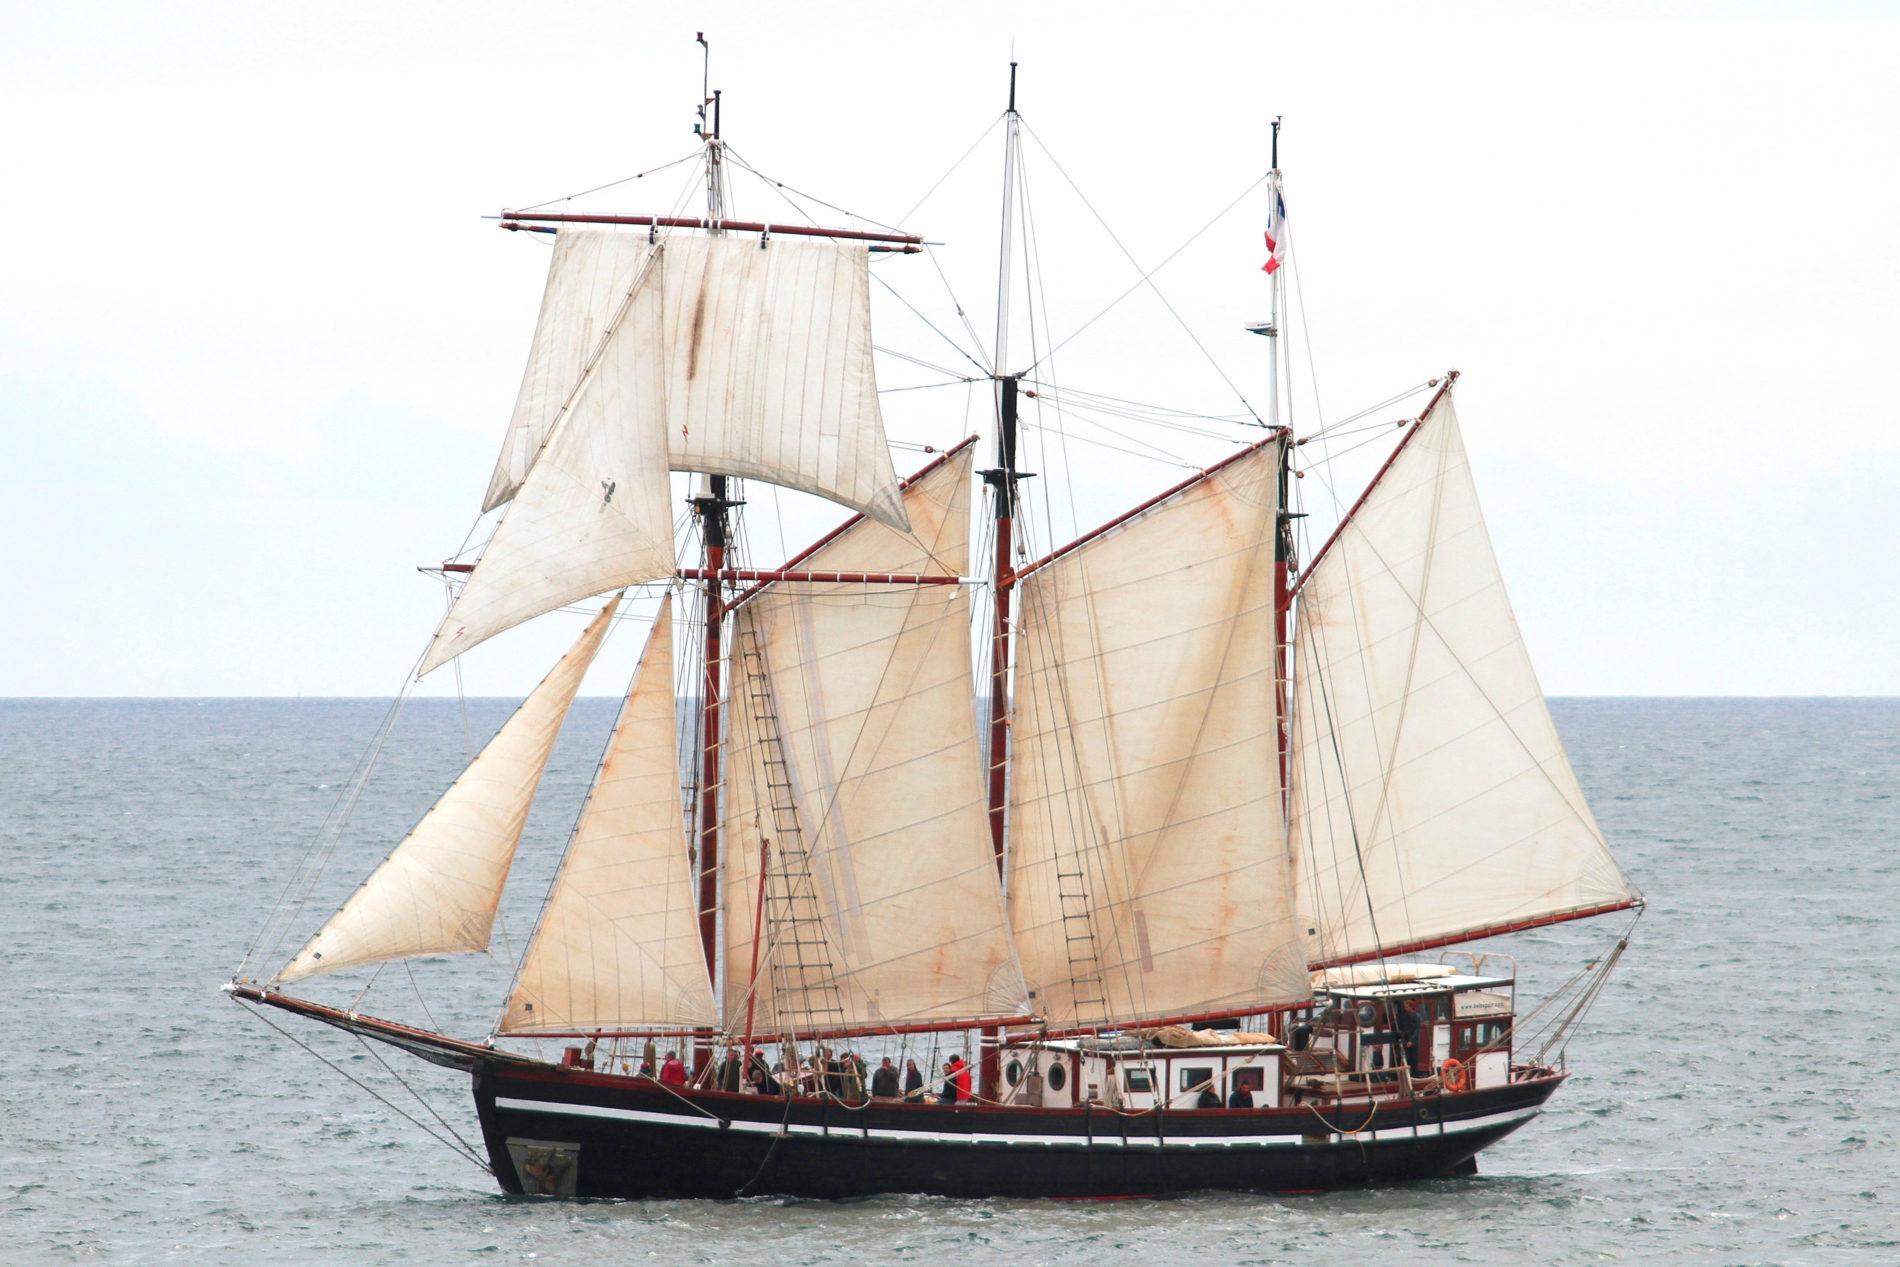 Bel Espoir 2 vaart door de zee met mensen op het dek